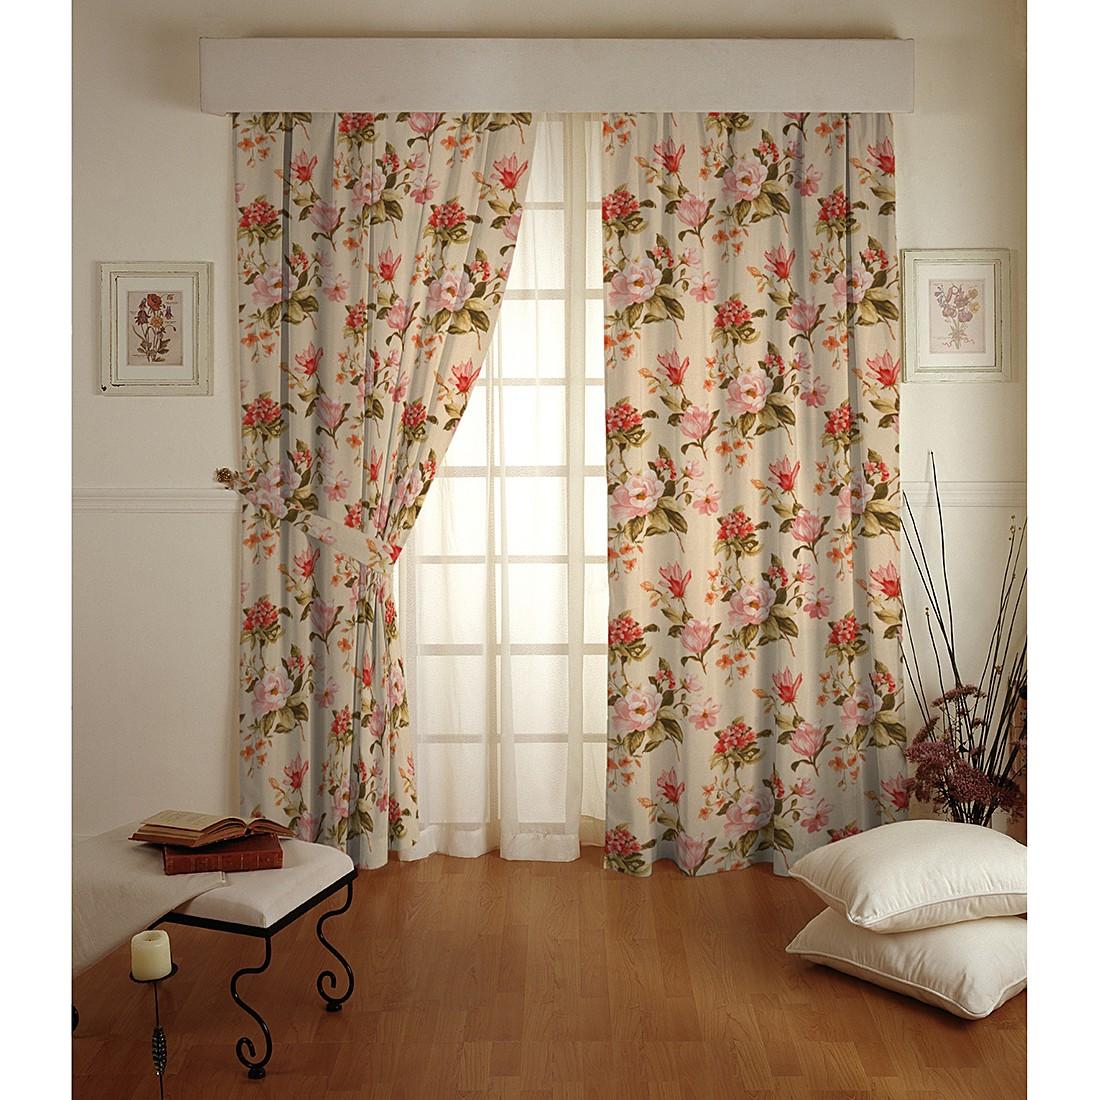 Vorhang mit Ösen - Blumen groß Beige | Home24